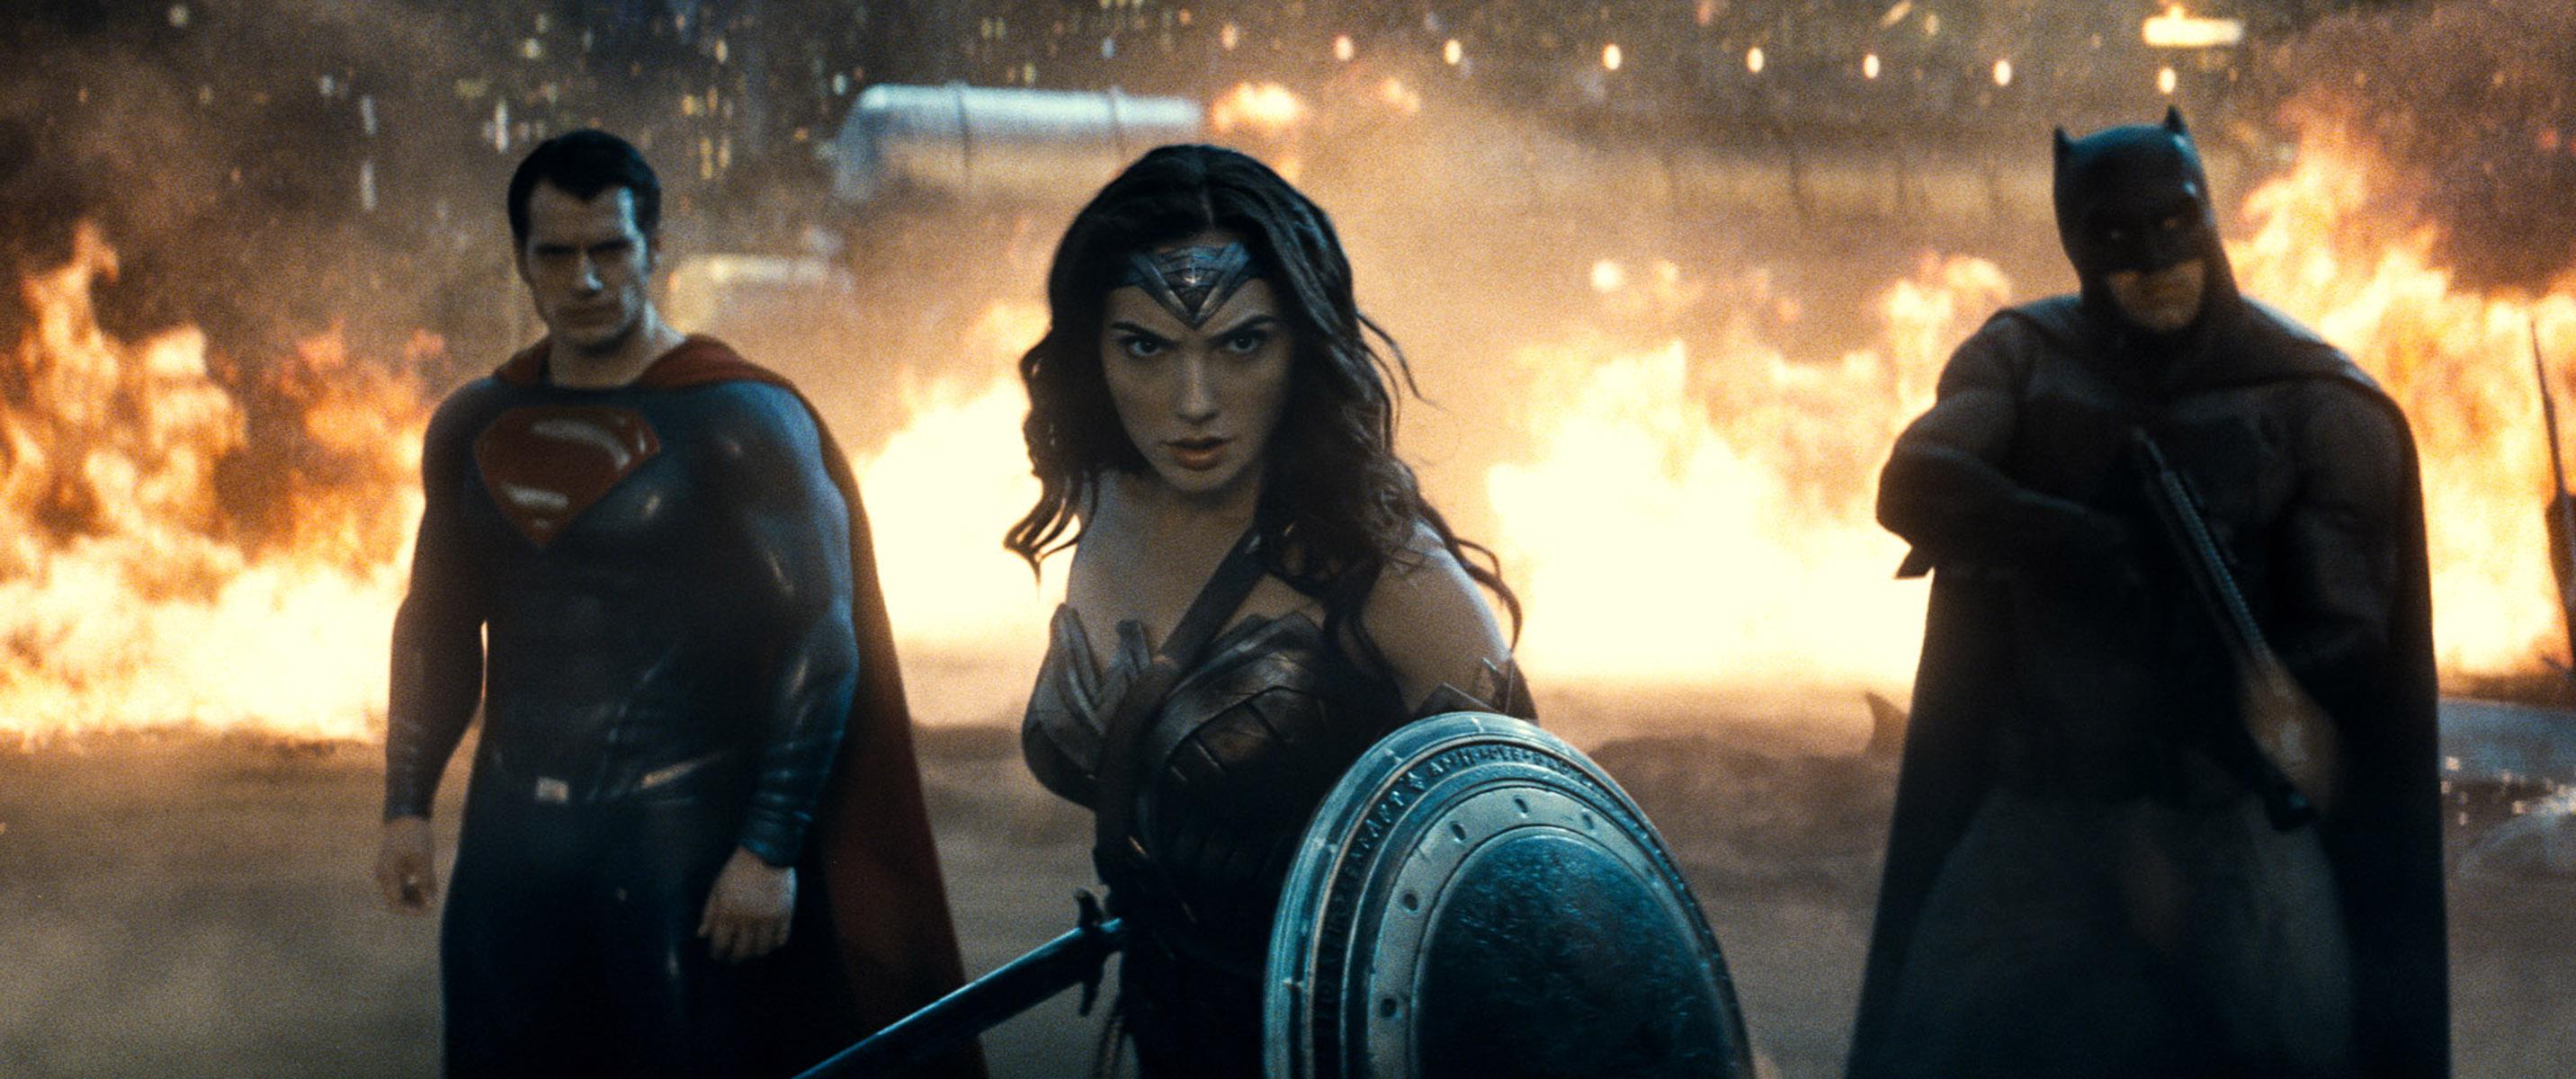 Trinity Batman v Superman review dc comics news